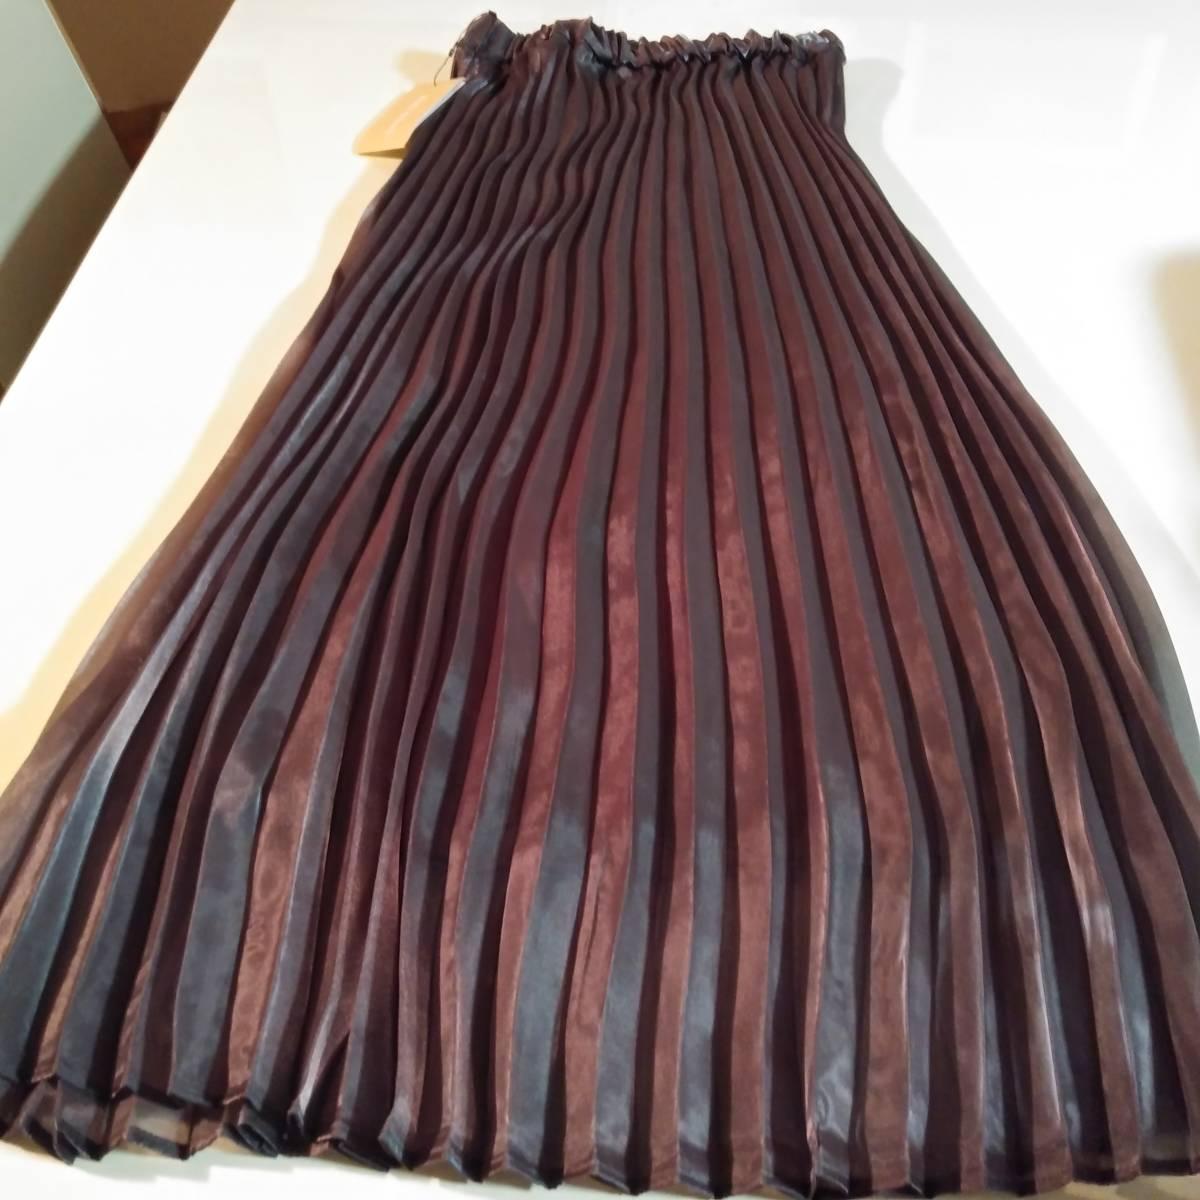 新品 百貨店催事2021*春NEWMon 艶シフォン二重仕立てロングプリーツスカート